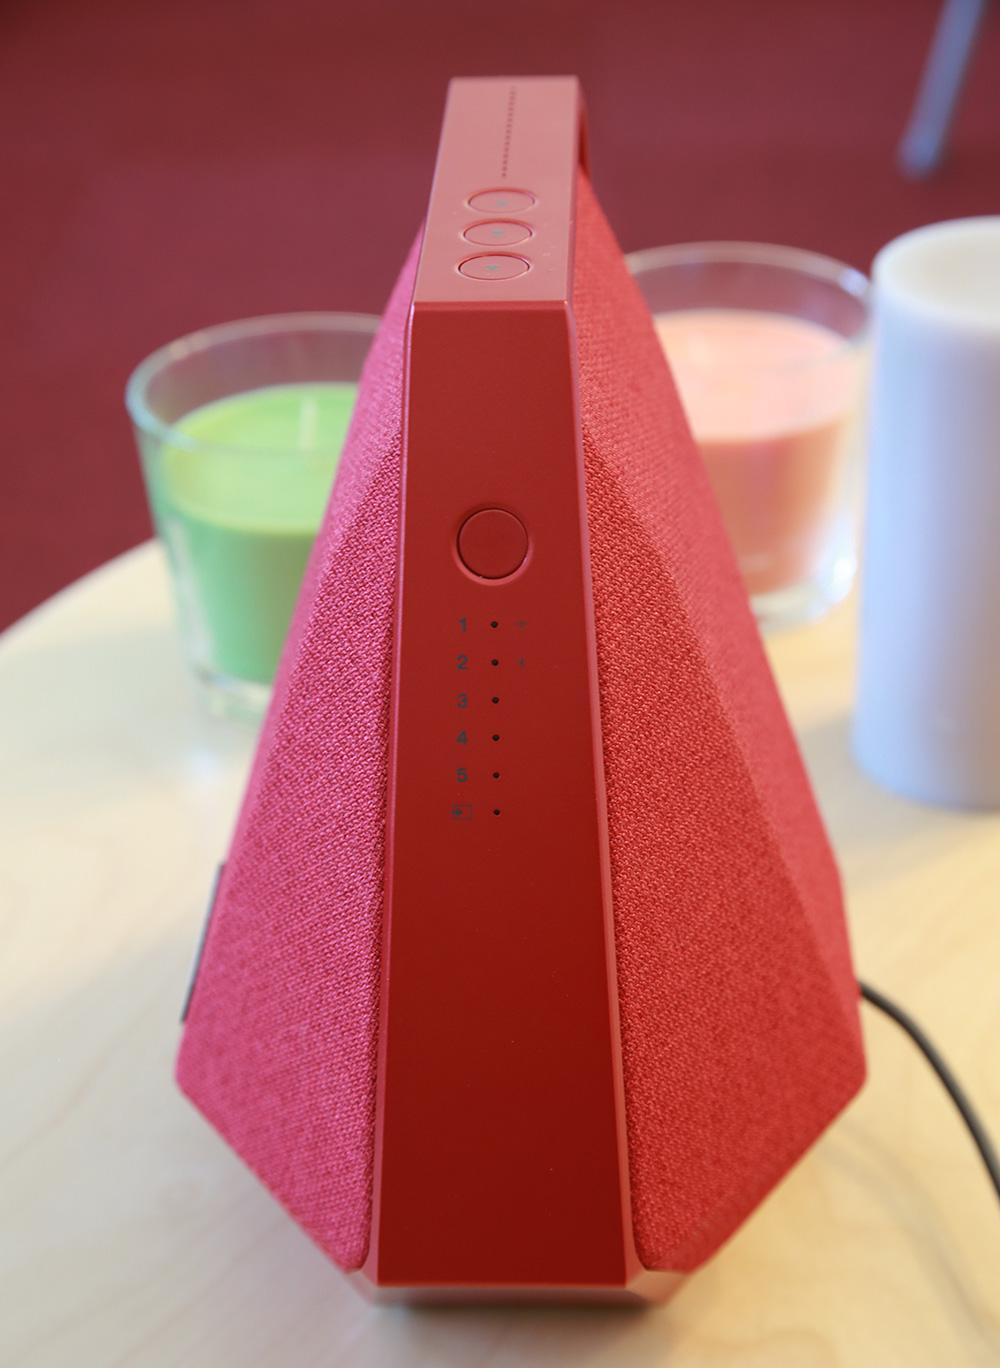 Dynaudio MUSIC 1 : boutons de favoris et du choix des sources audio